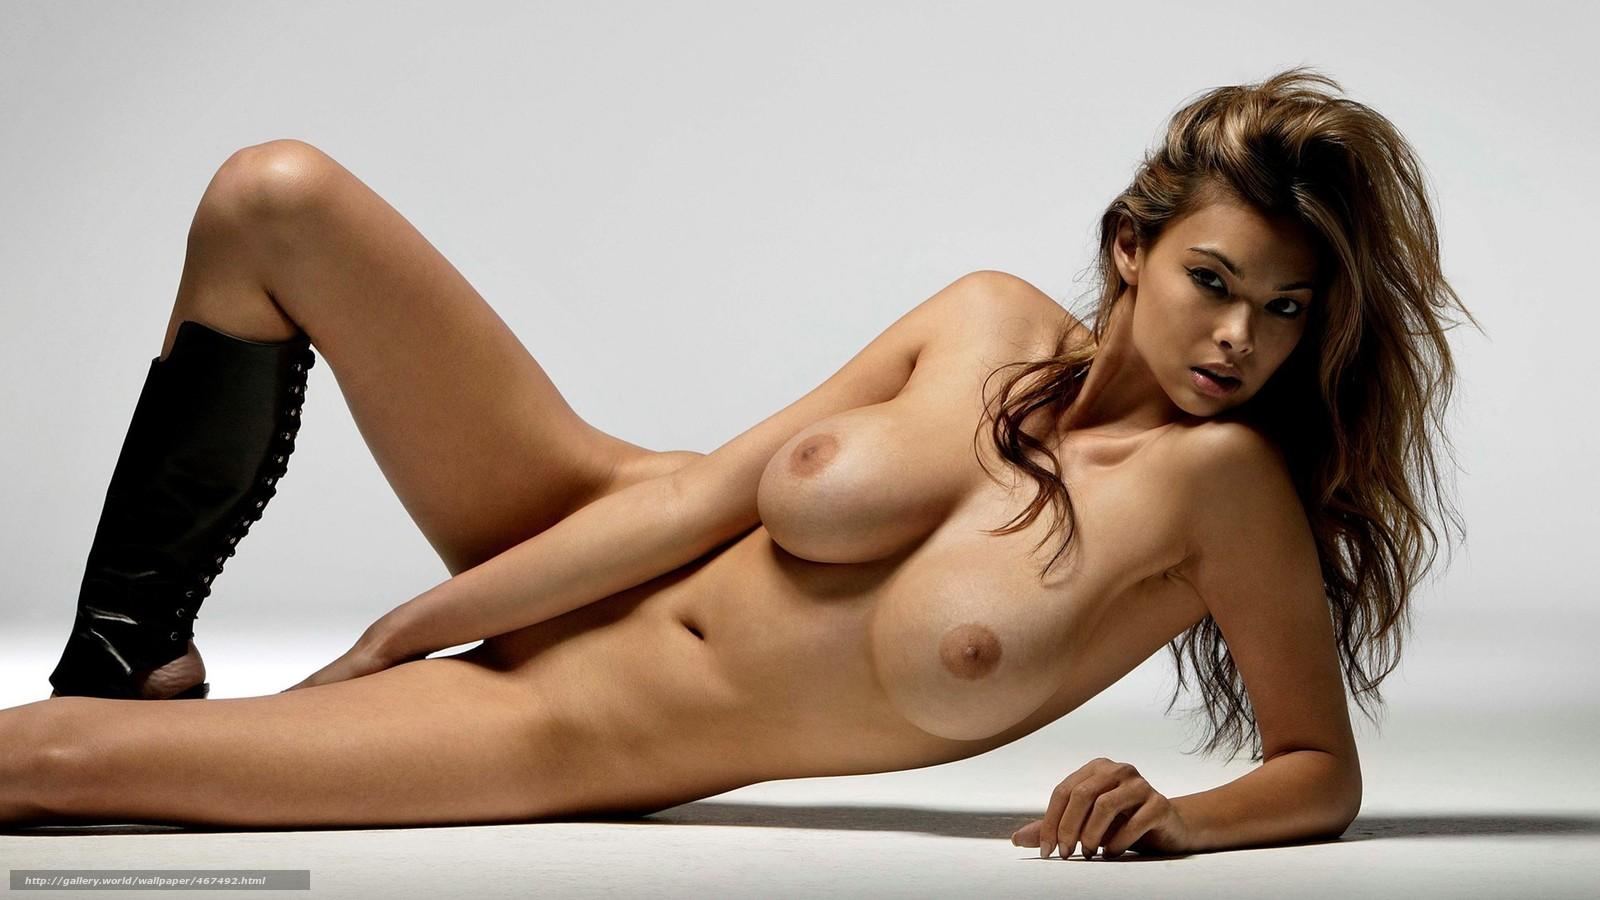 отвисшая висячие грудь порно фото